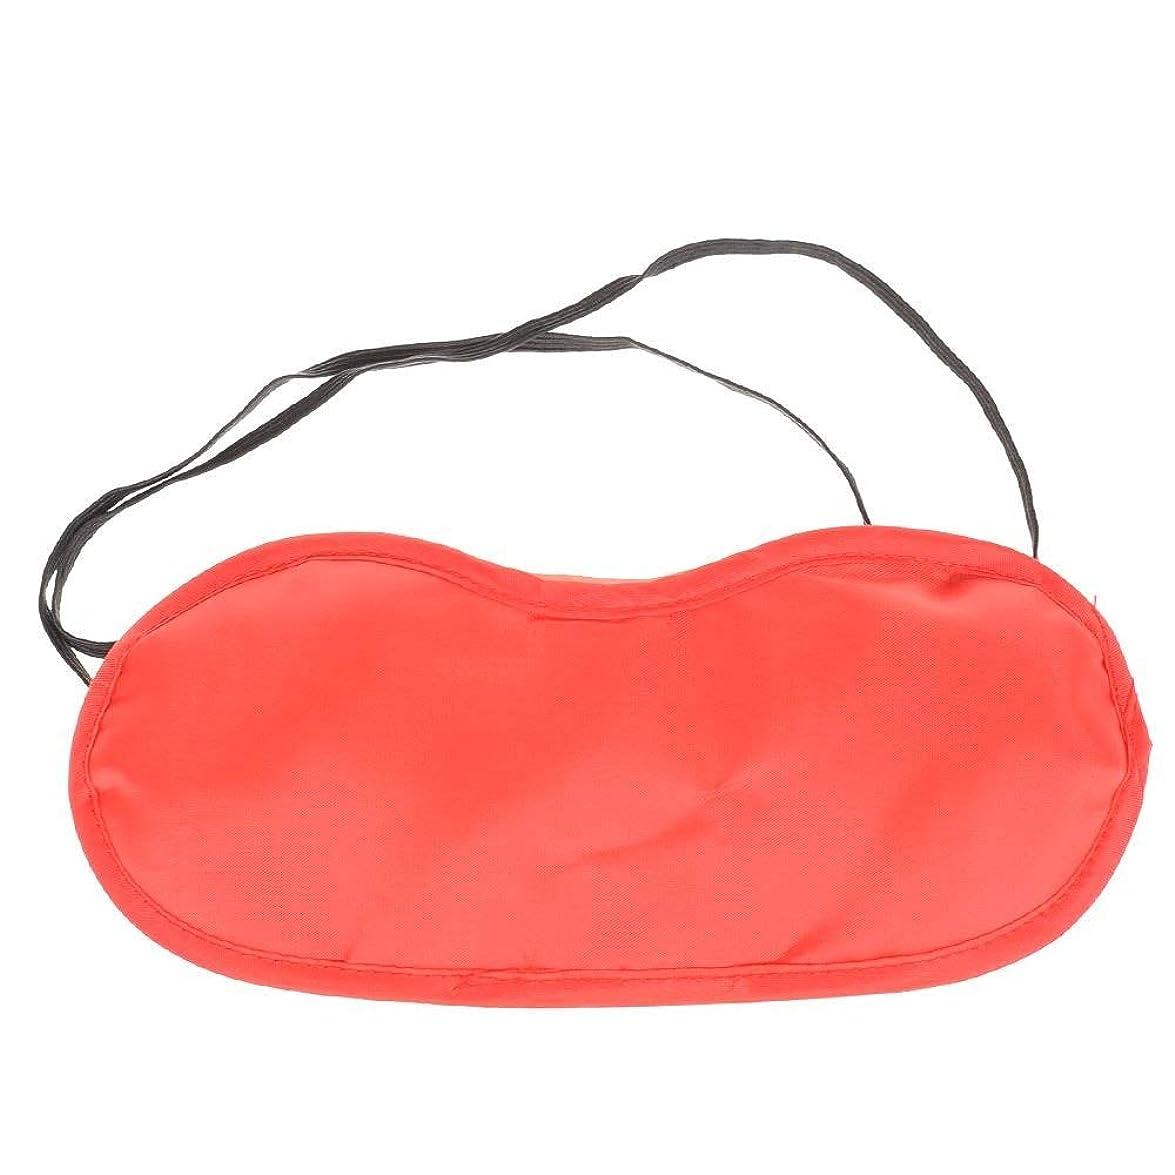 。ジェームズダイソンサッカーNOTE 1ピース5色睡眠休息睡眠補助アイマスクアイシェードカバー快適健康目隠しシールド旅行アイケア美容ツール